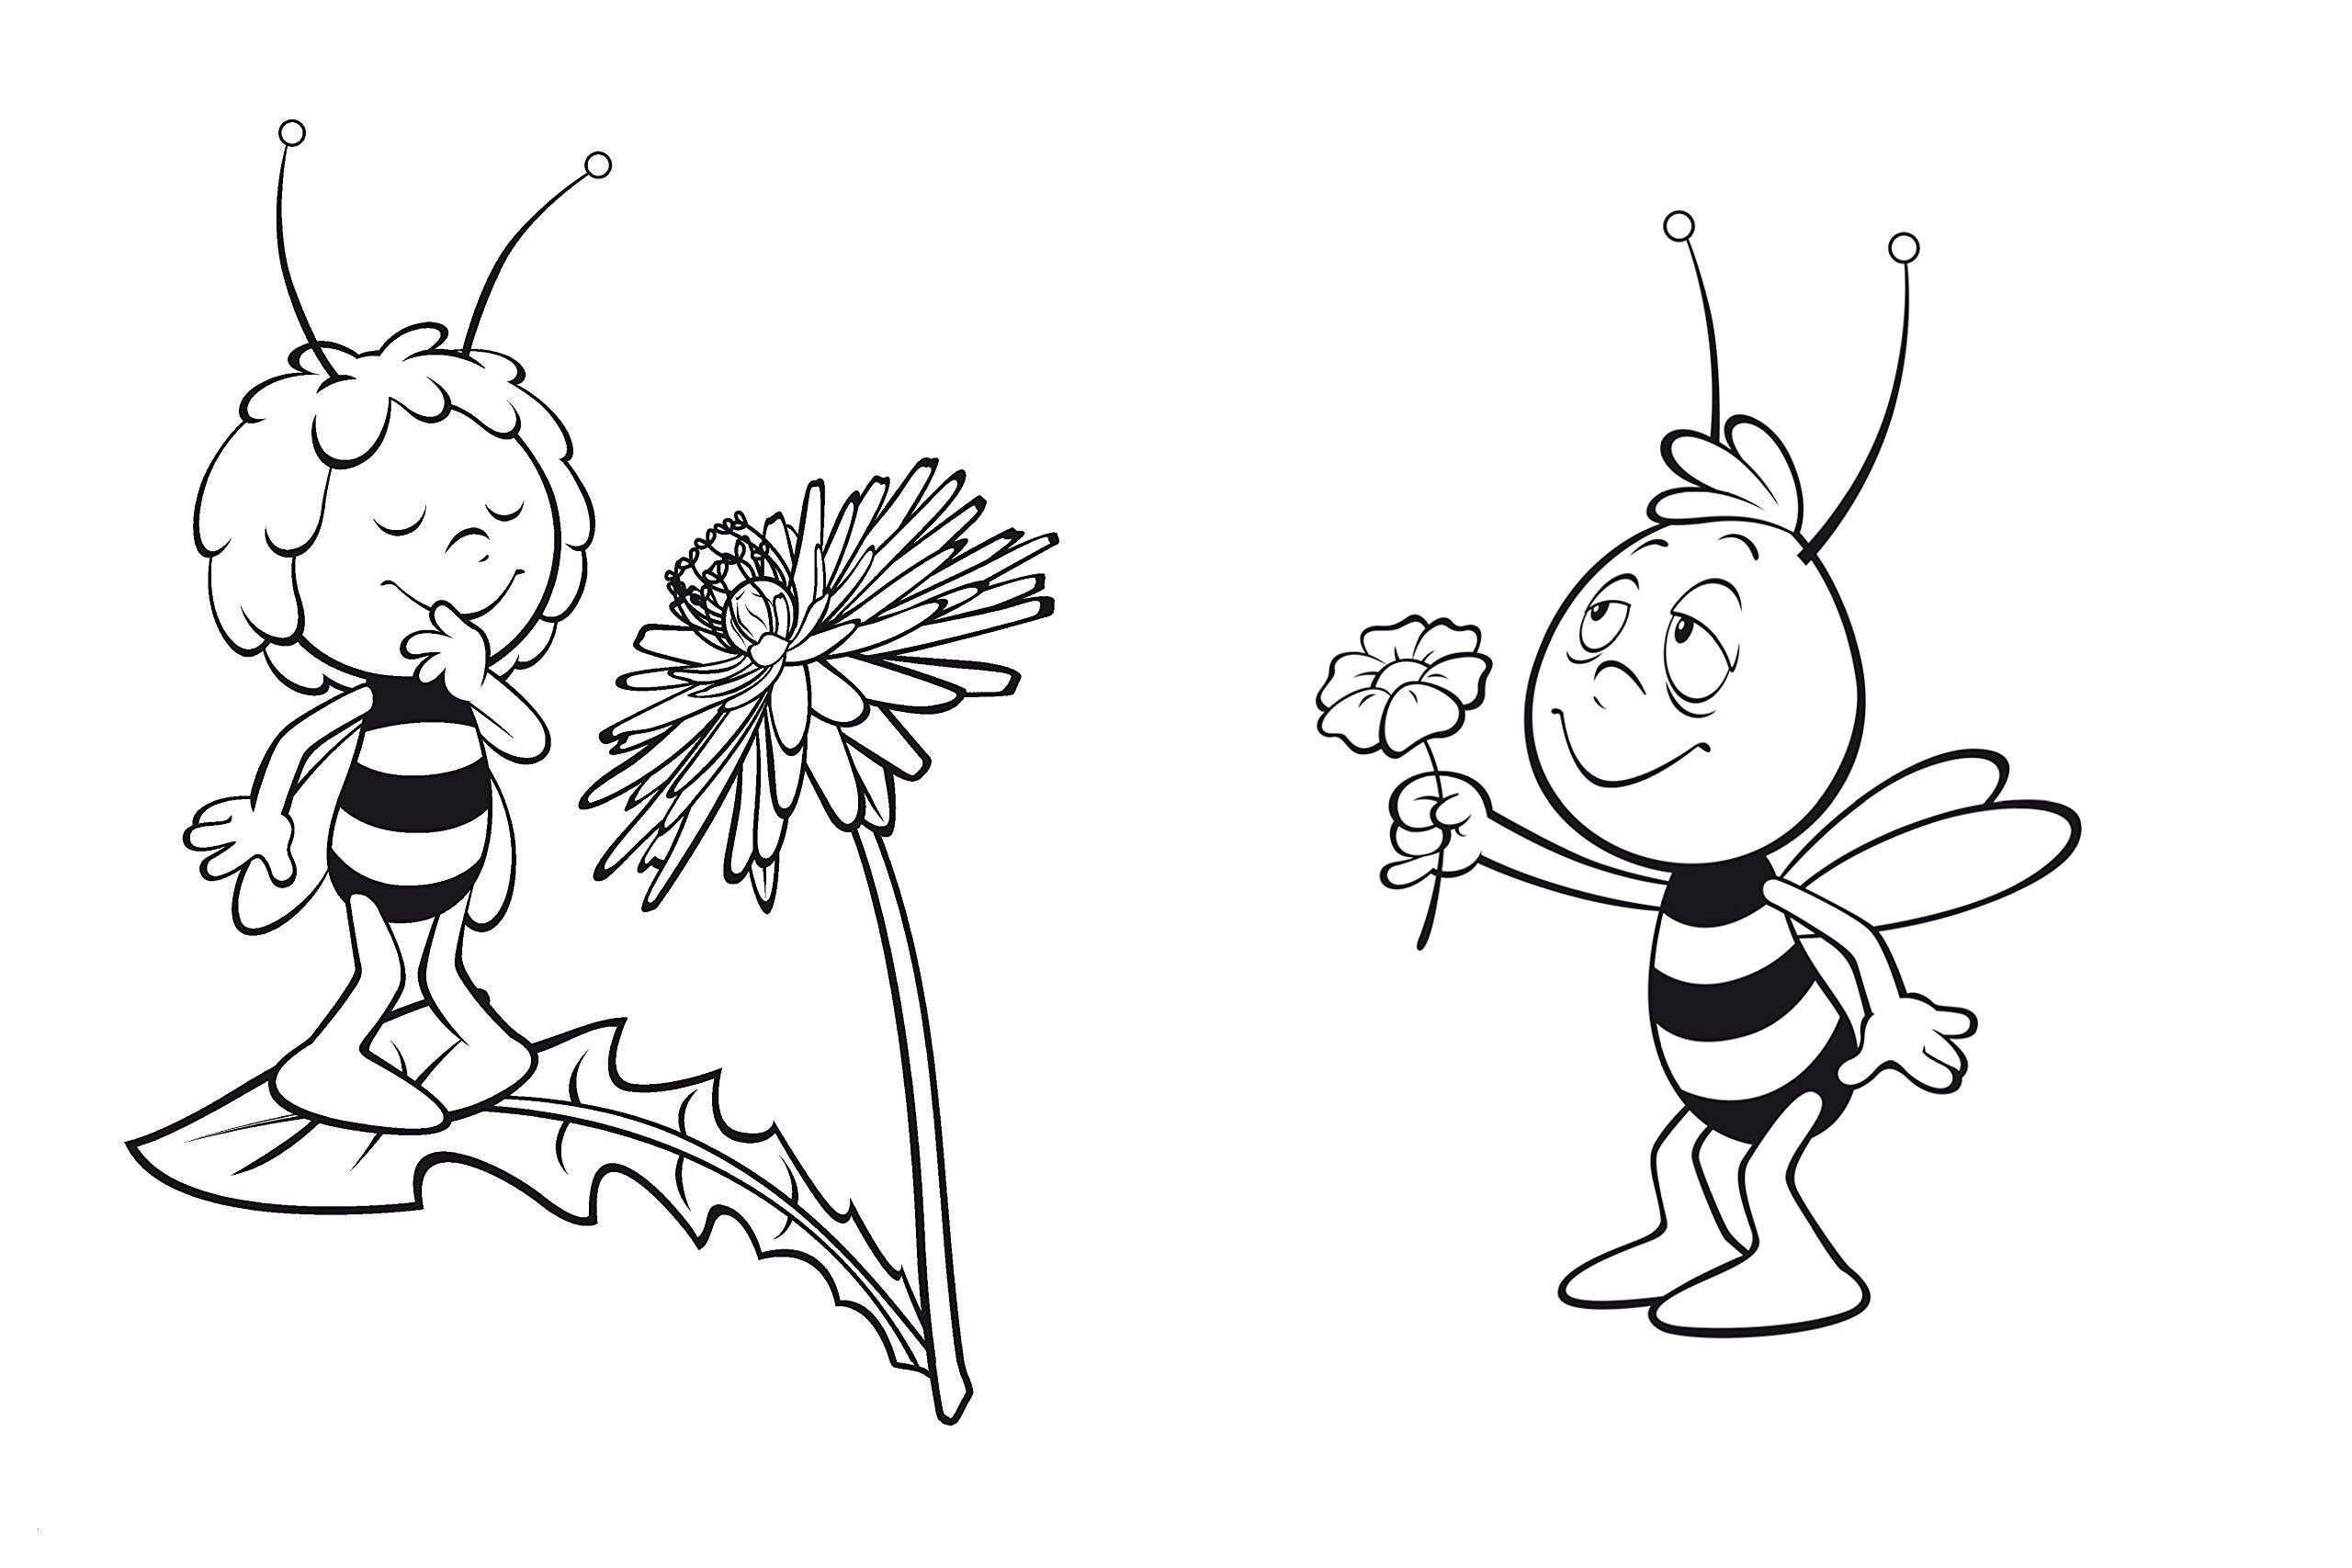 Pin Auf Malvorlagen Kinder ganzes Bienen Bilder Zum Ausdrucken